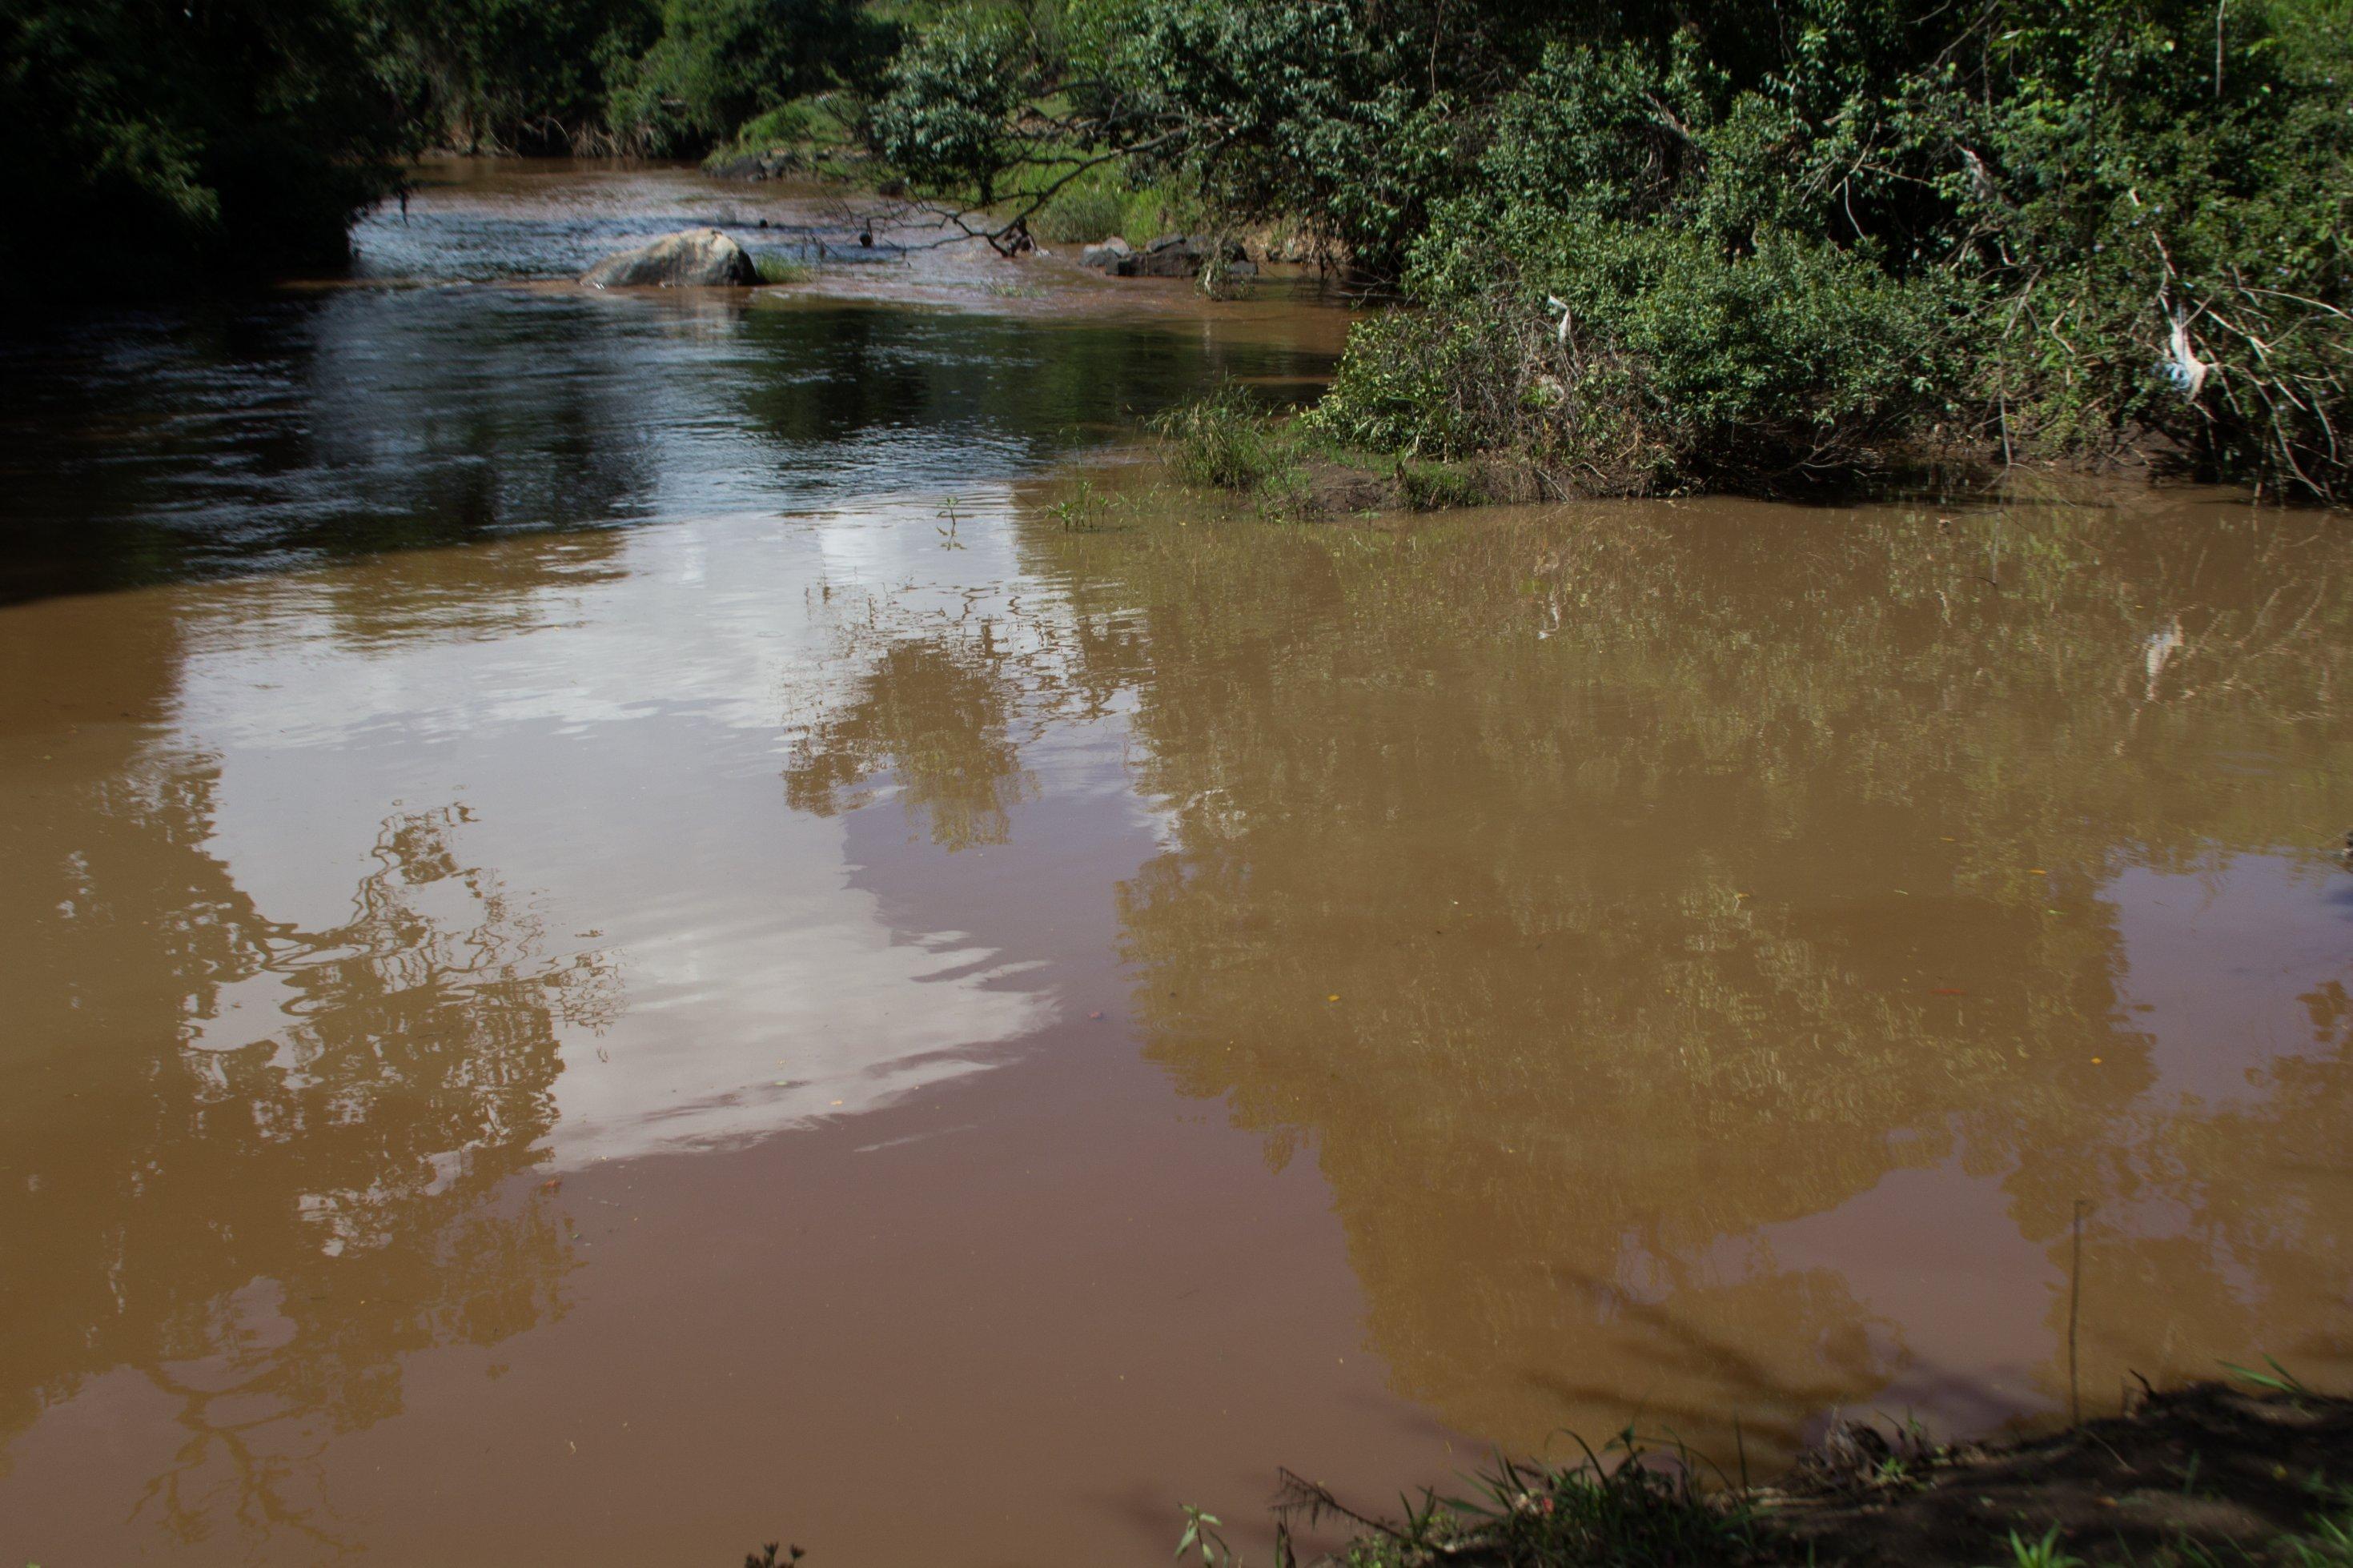 Ein Blick auf den Amala, er ist rotbraun. Im Wasser spiegeln sich trotzdem die Wolken.